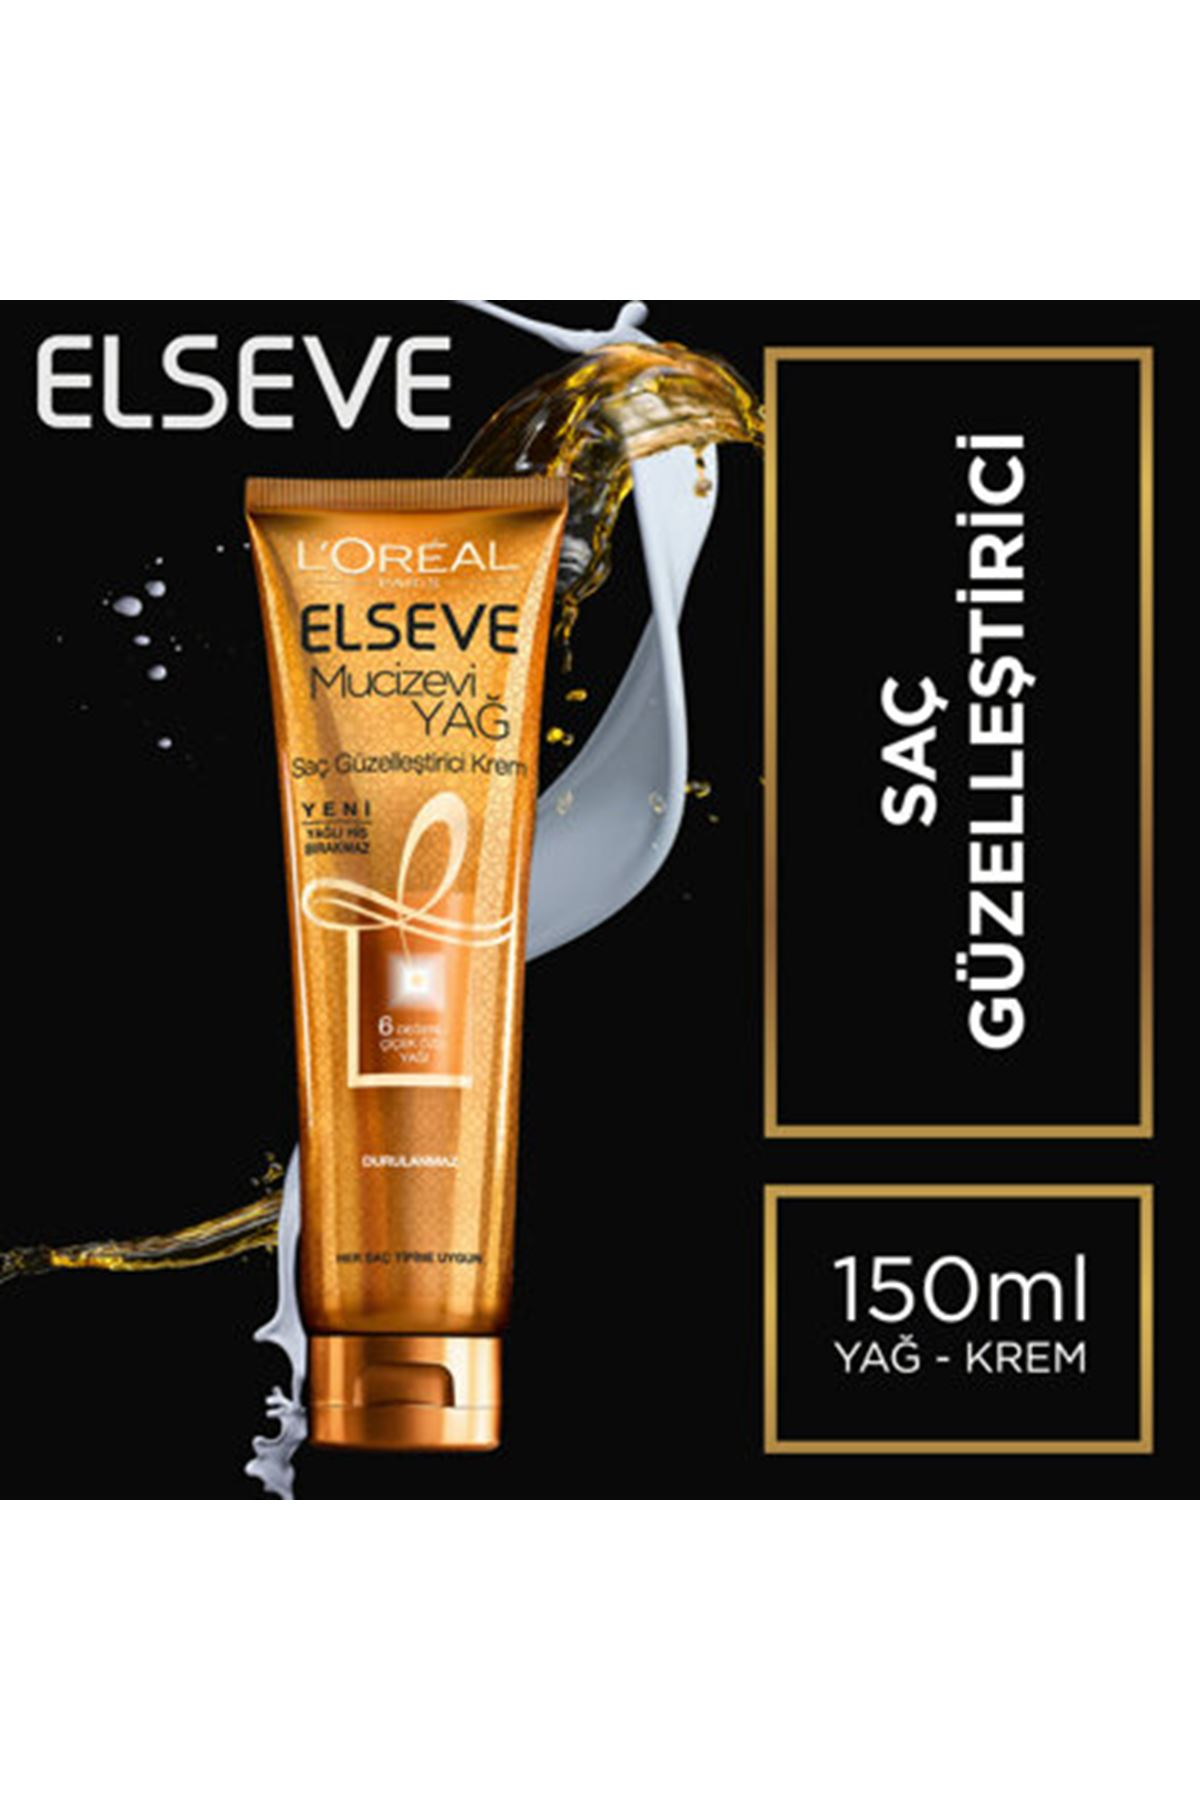 L'Oreal Paris Elseve Saç Güzelleştirici Saç Kremi 150 ml